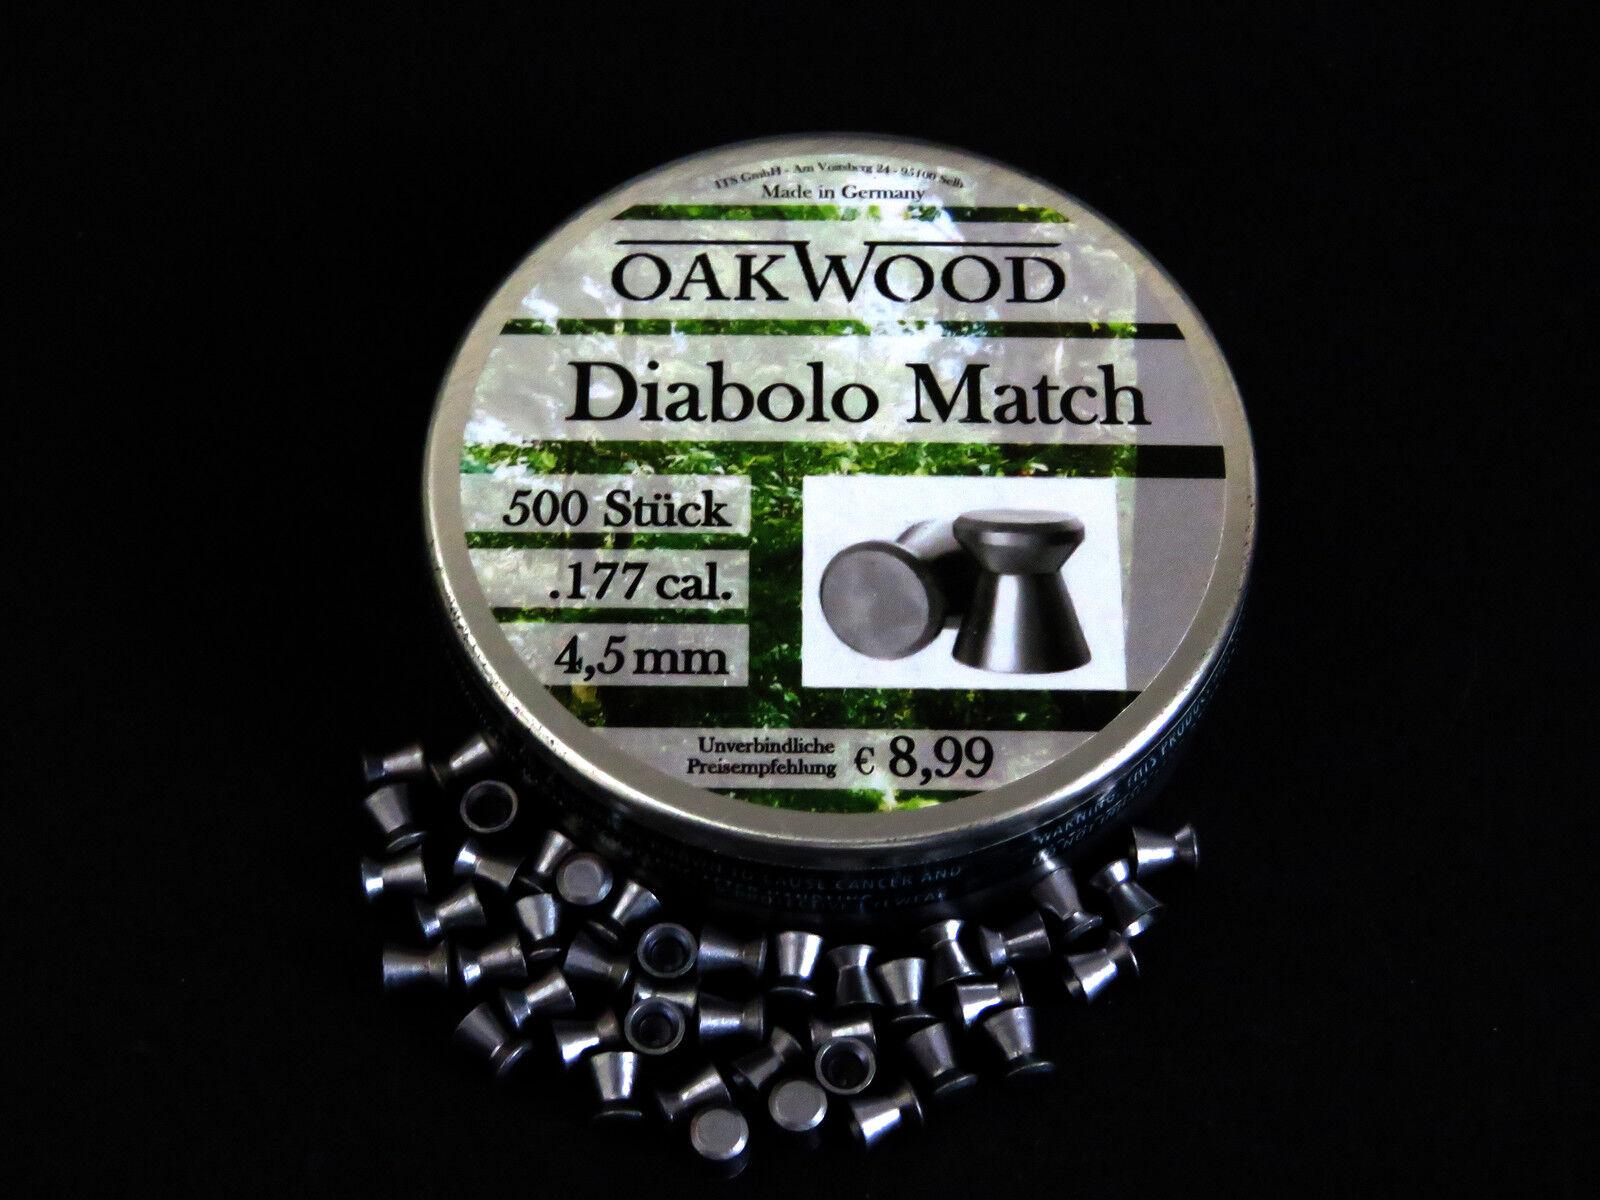 OAKWOOD OAKWOOD OAKWOOD MATCH DIABOLOS - LUFTGEWEHRKUGELN - 4,5MM- STAFFELPREIS -MADE IN GERMANY 8f0a7c